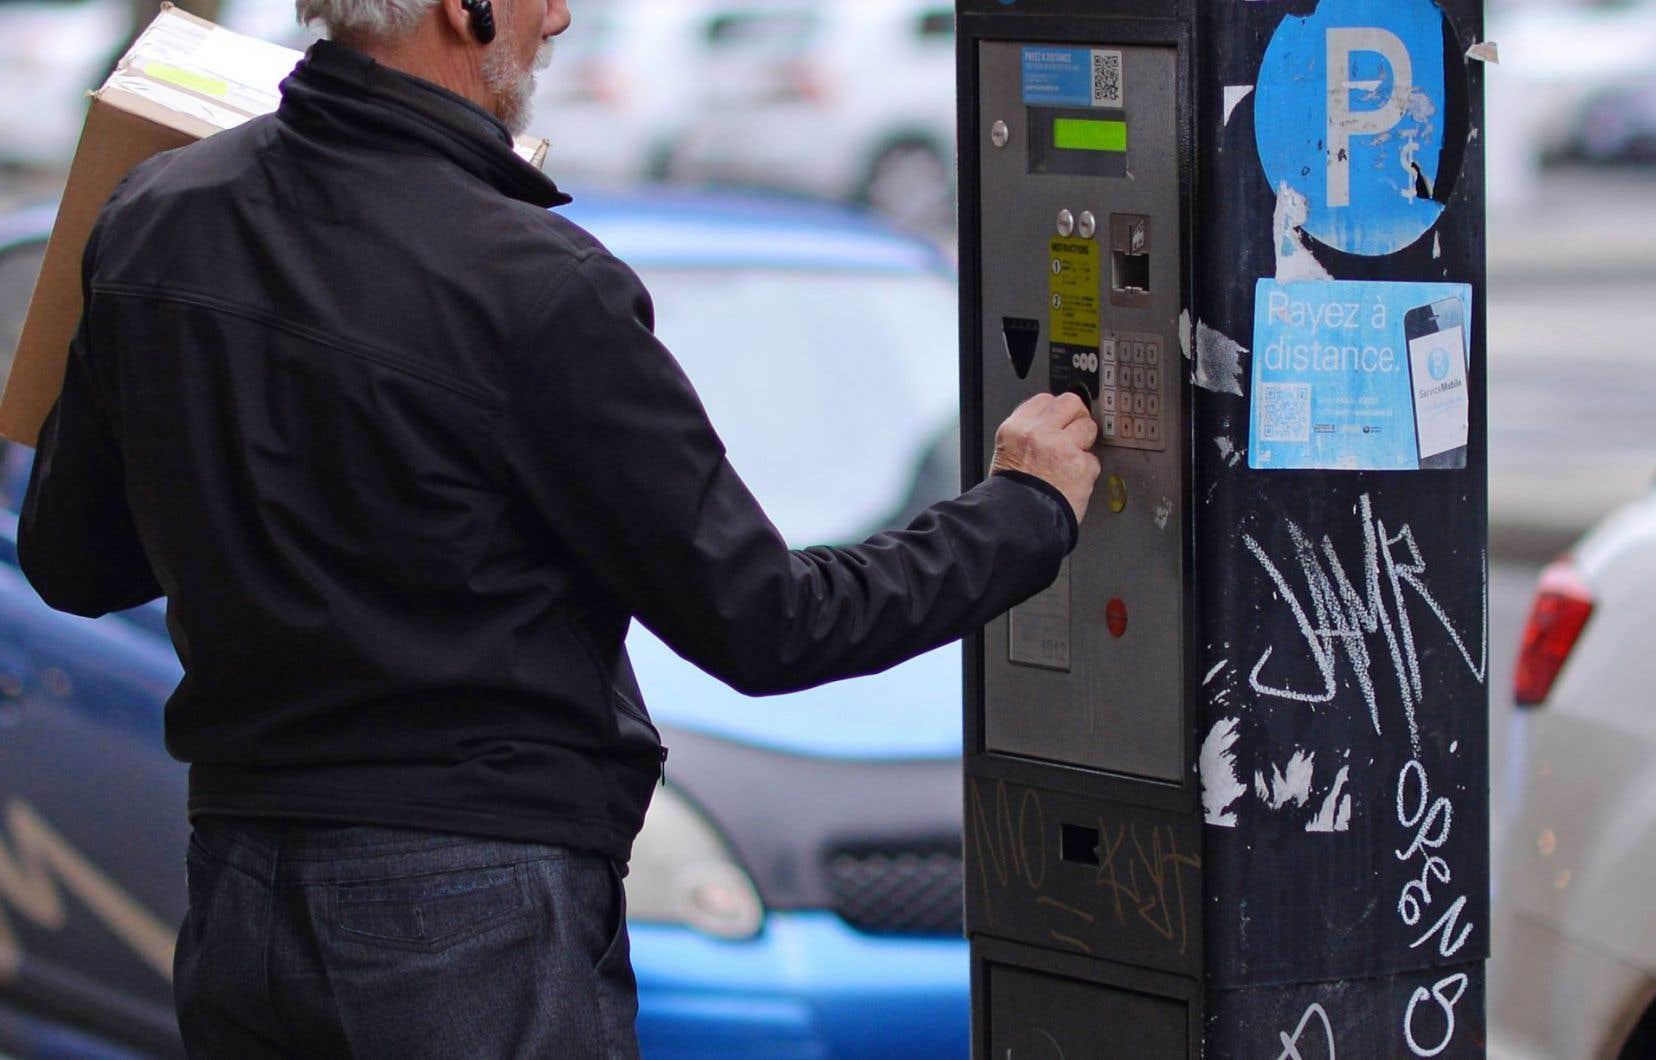 Les automobilistes qui ne souhaitent pas faire leur transaction à l'une des bornes de stationnement peuvent se servir del'application P$ Service mobile.